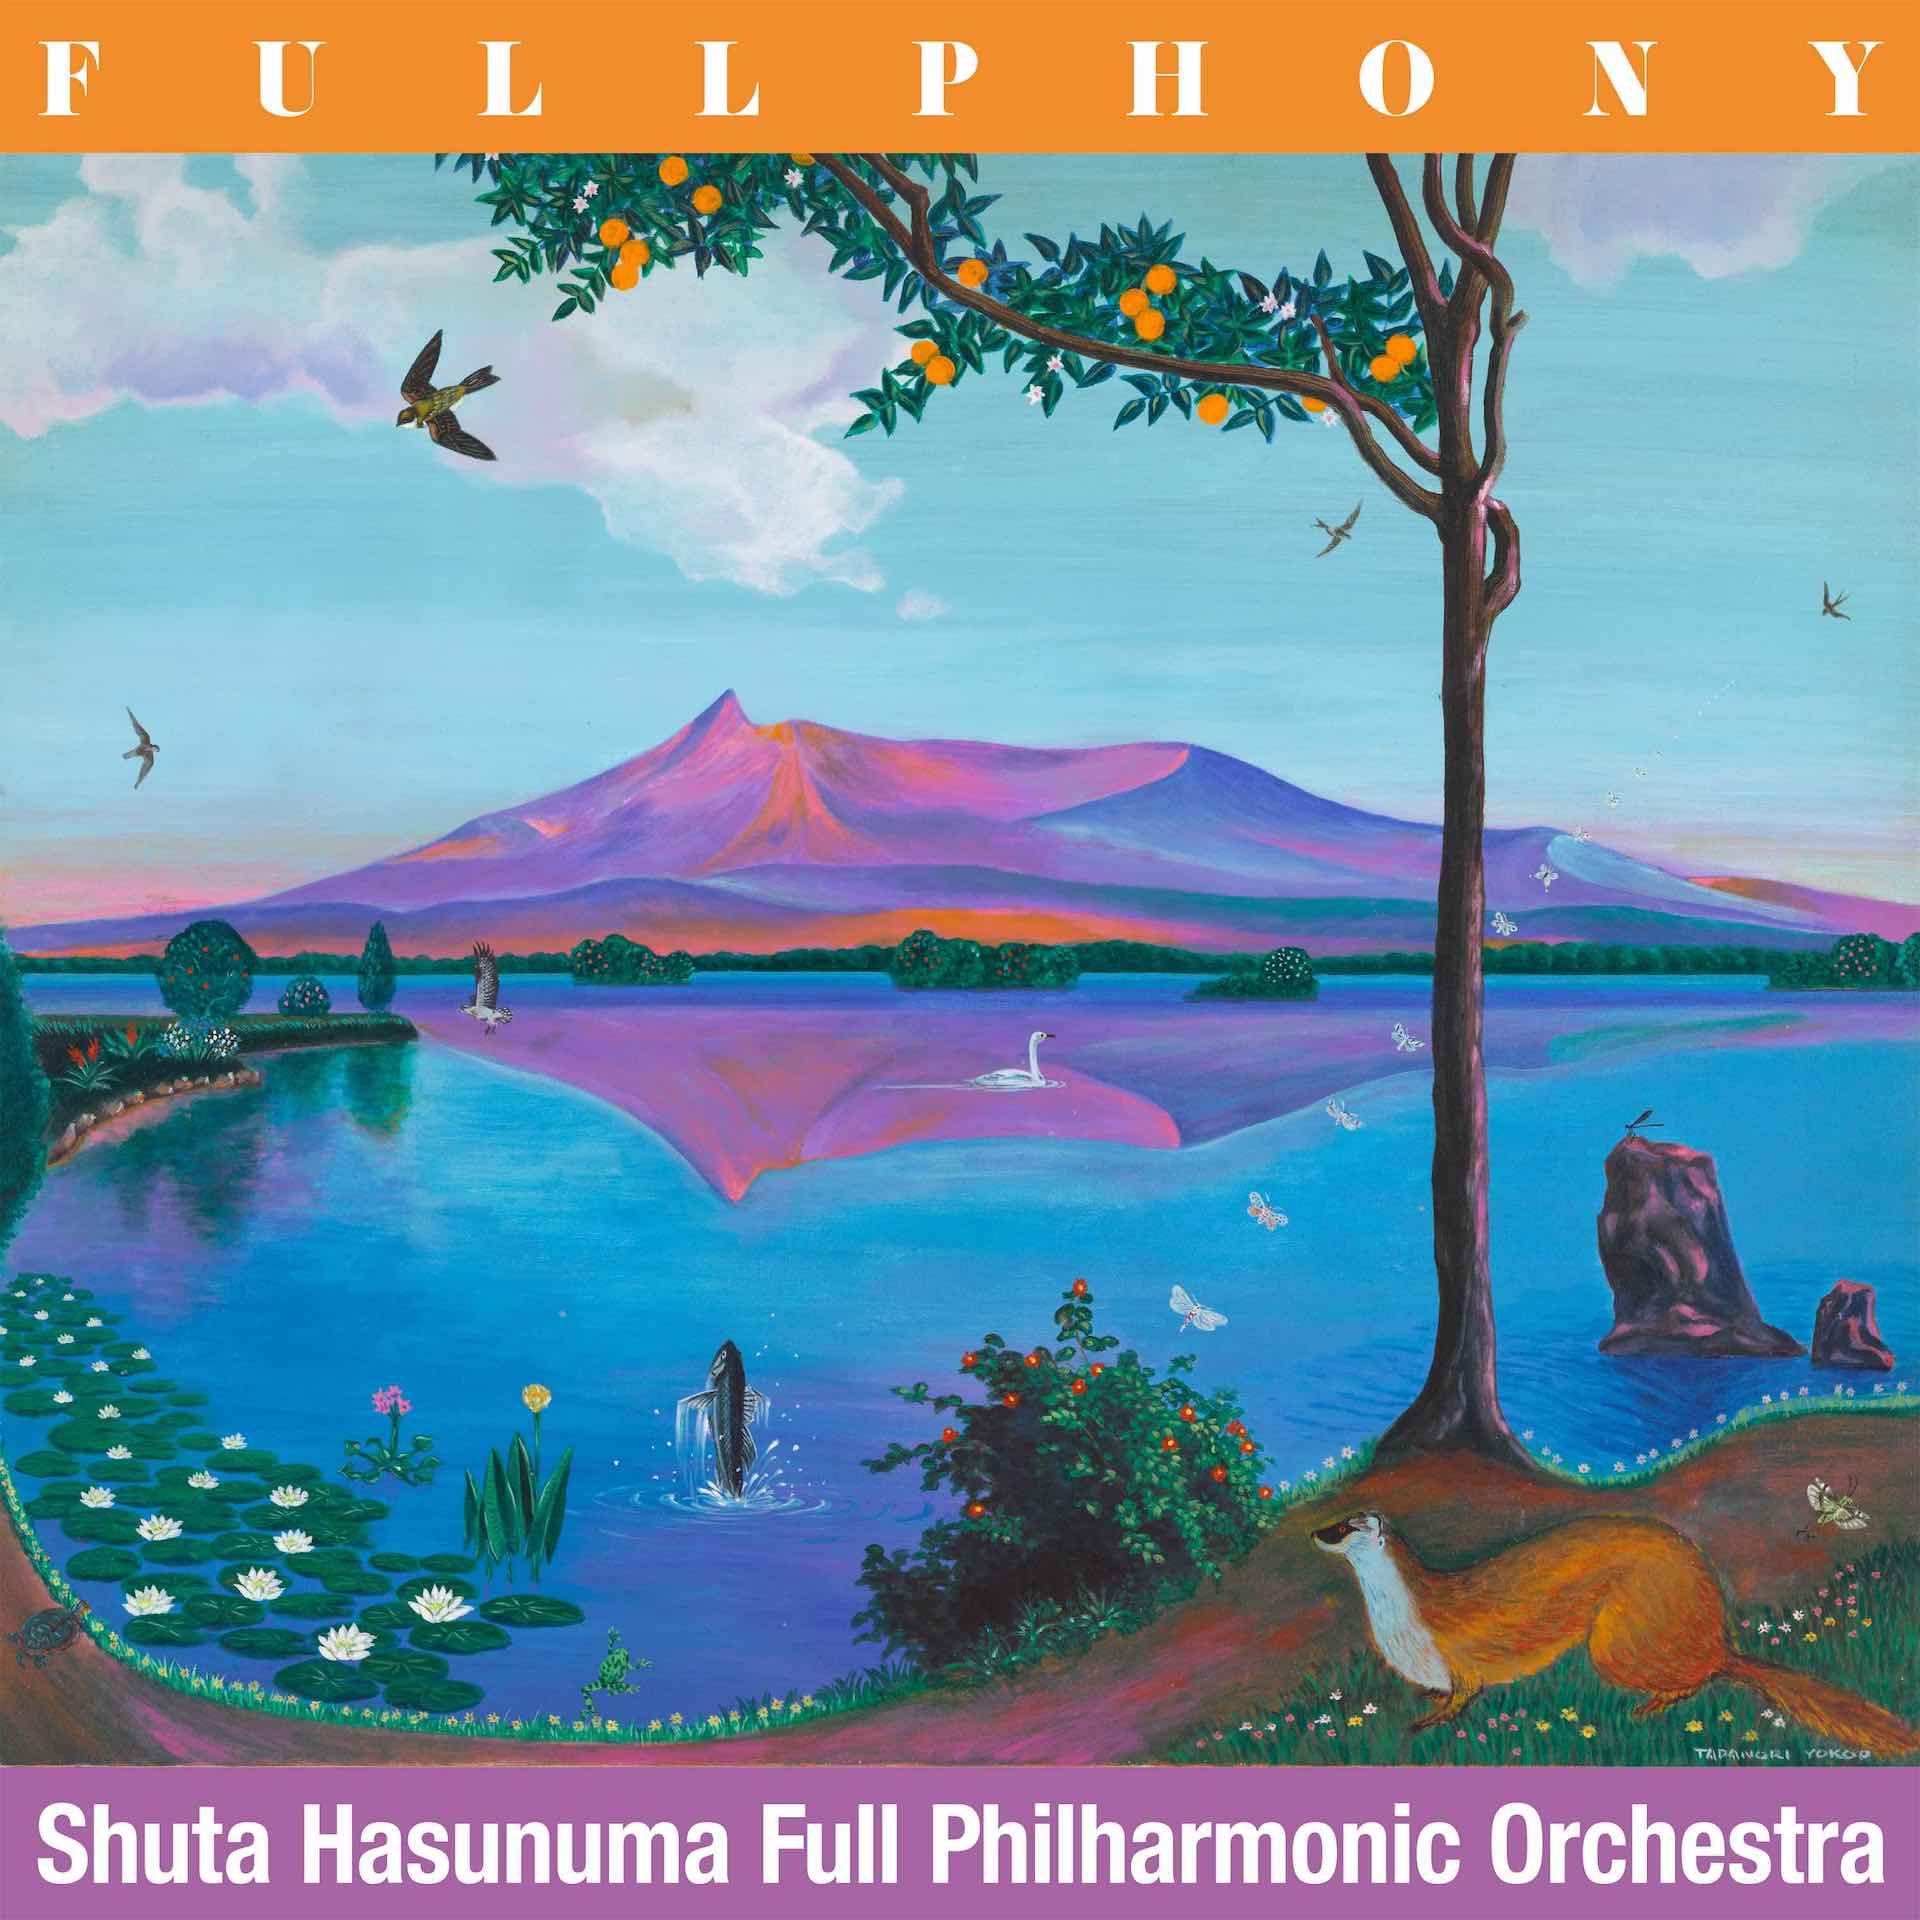 蓮沼執太フルフィルによる最新アルバム『フルフォニー』のCD&レコードが本日発売!発売記念ポップアップイベントも開催決定 music20201028_hasunumaphil_5